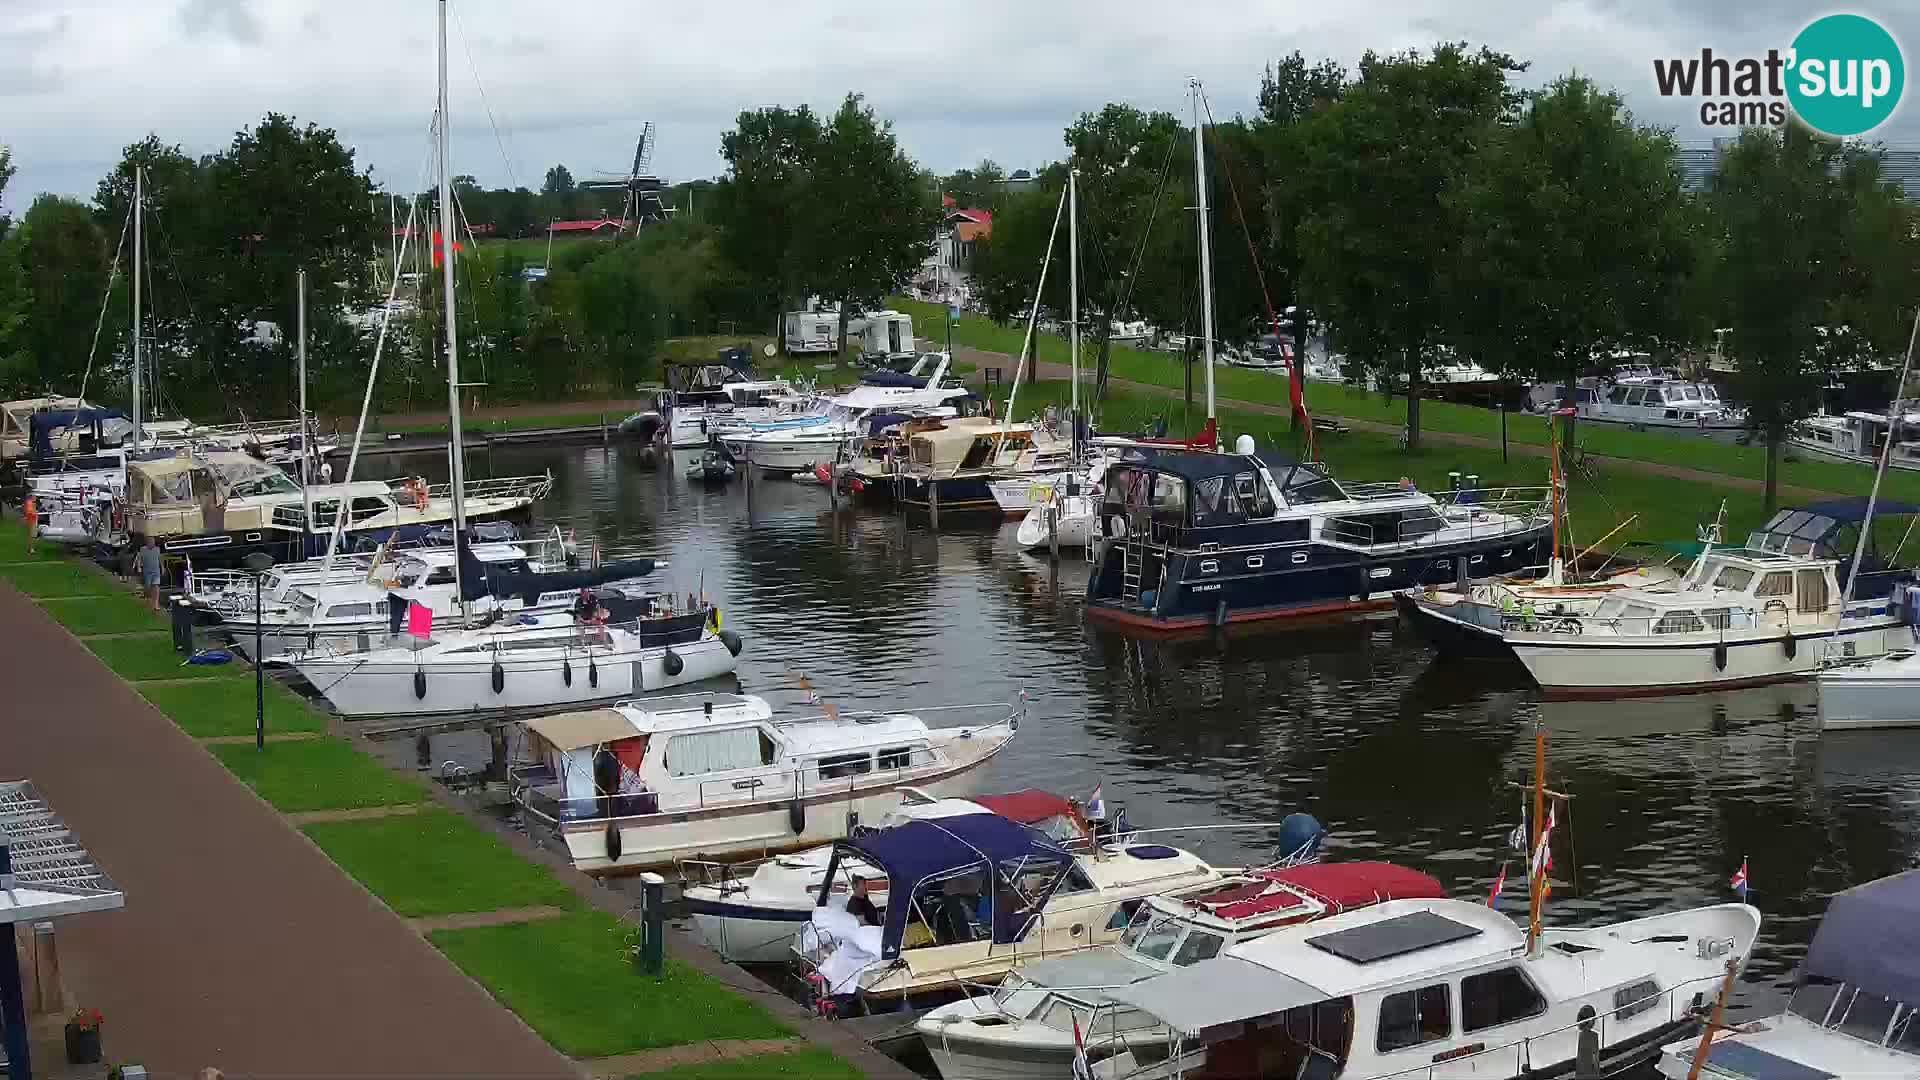 La marina di Joure livecam  – Vista del Mulino a vento